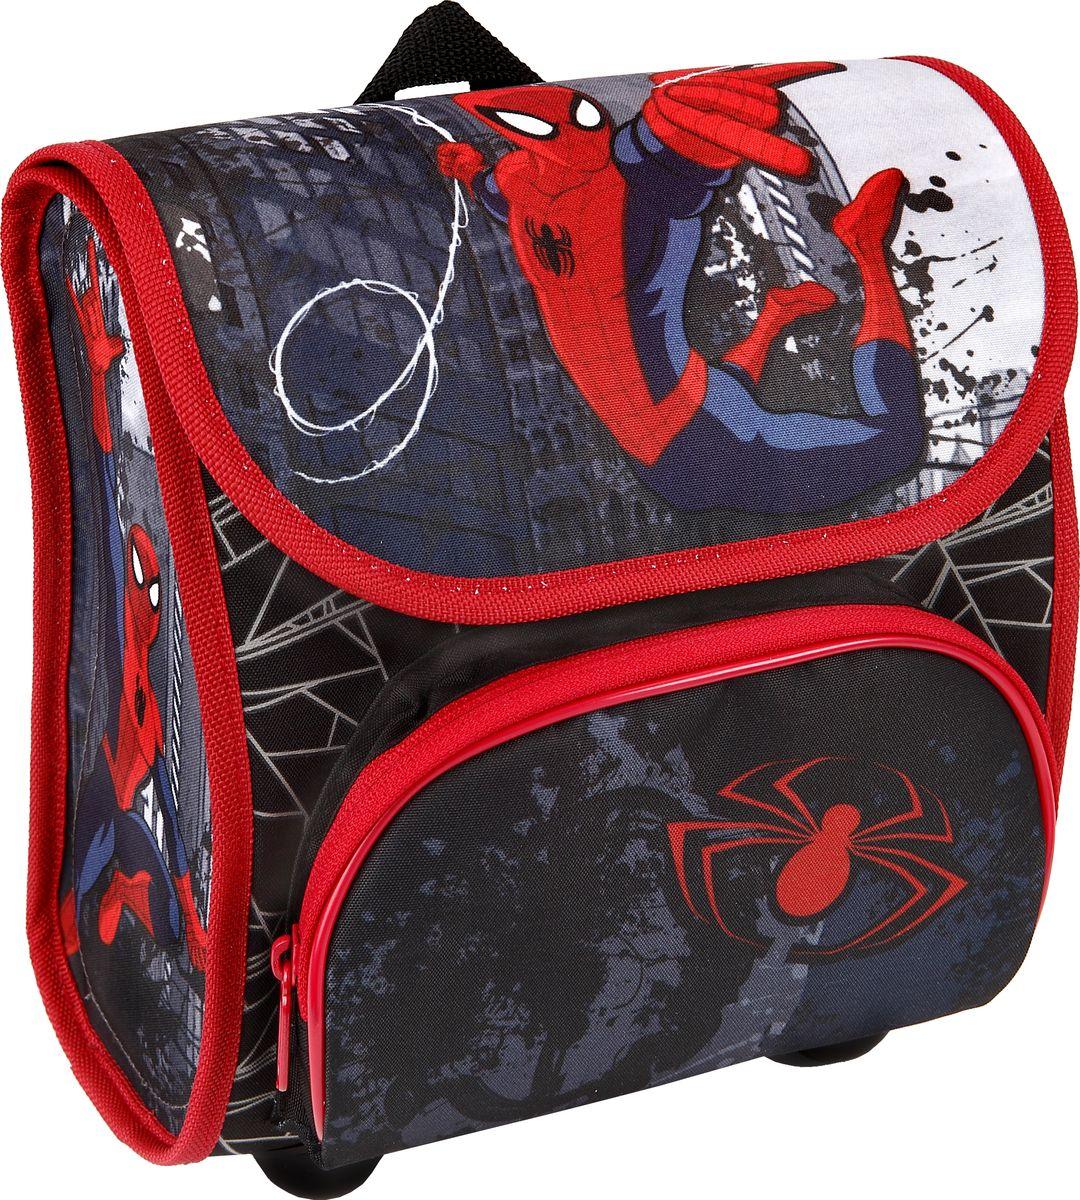 Scooli Рюкзак для мальчика Spider-Man579995-400Основное отделение мини-ранца очень удобное и вместительное, а его ортопедическая спинка и регулирующиеся лямки с системой вентиляции гарантируют малышу дополнительный уют и комфорт. Пластиковые ножки на дне рюкзака предотвратит вытирание ткани, таким образом обеспечивая более долгие сроки службы великолепного изделия! Рюкзачок изготовлен из высококачественных, нетоксичных, эталонных материалов, очень прочный и надежный, а также совершенно безопасен для ребенка!